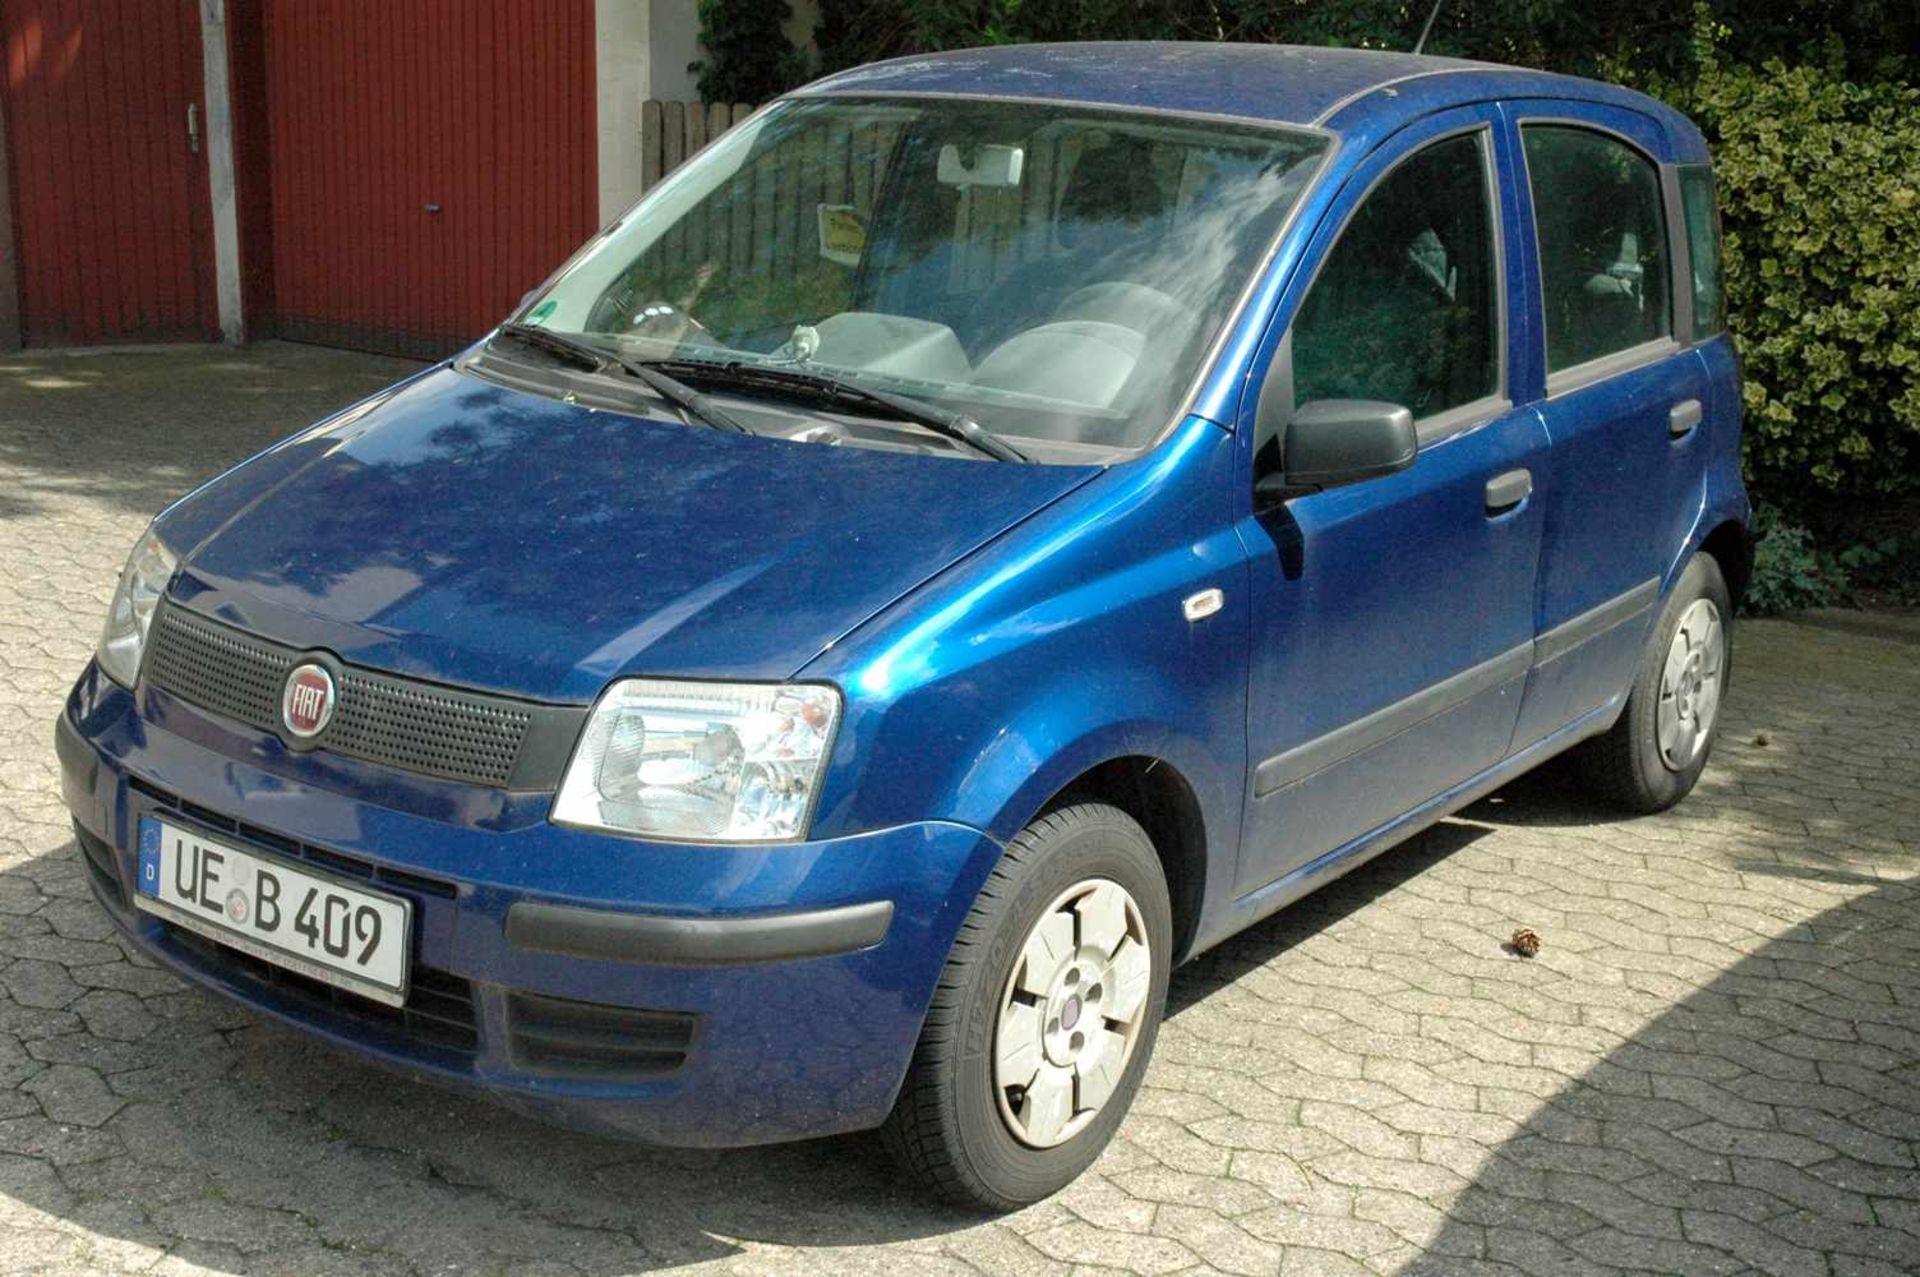 PKW, Fiat Panda, EZ 01.04.09, 40 kW, km-Stand: 130965m blau, TÜV 9/20, Benziner, Brief nicht